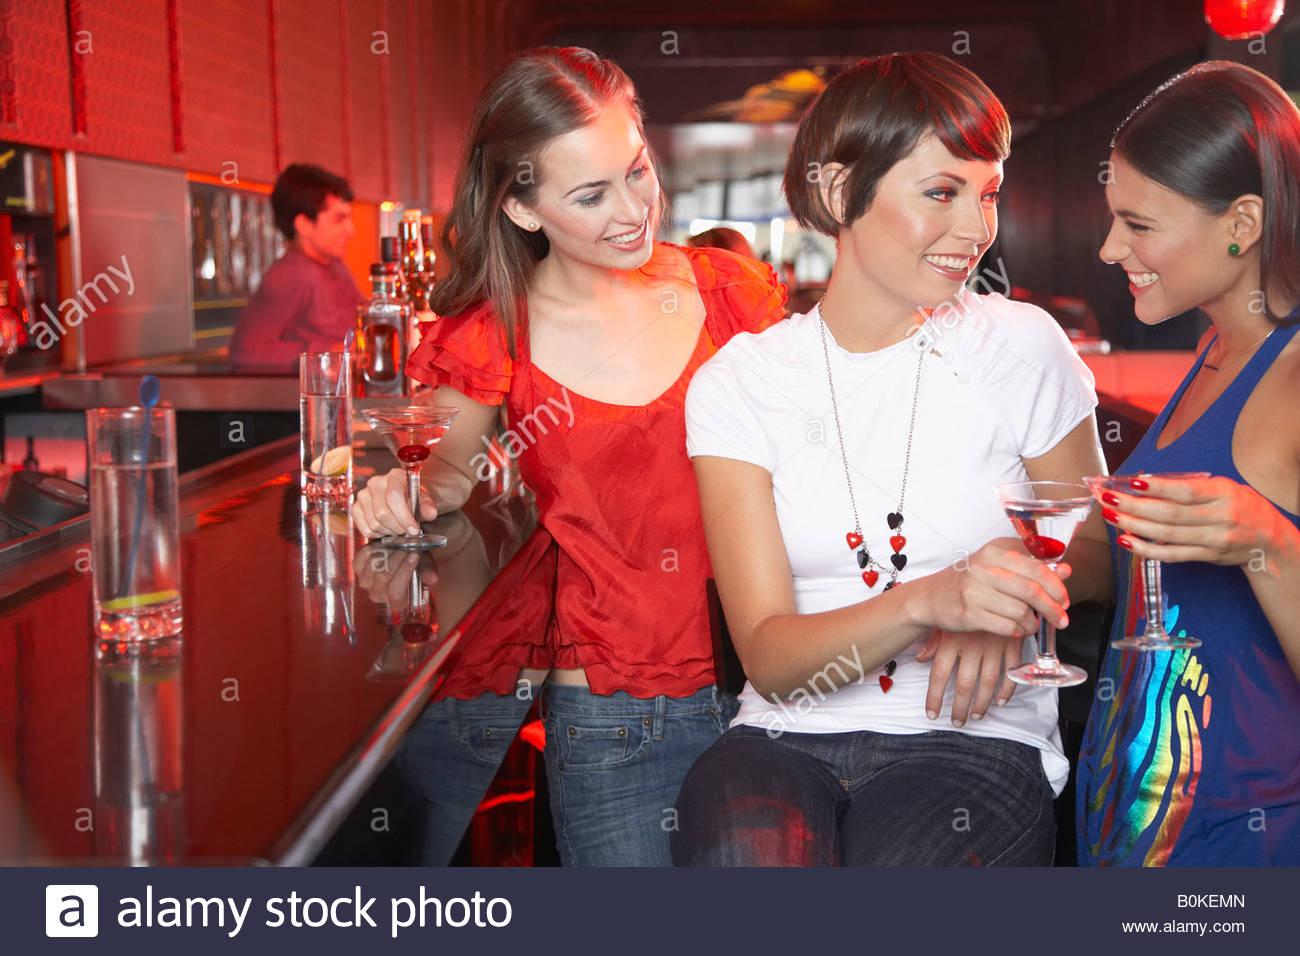 Tre donne in discoteca al bar con bevande la tostatura e sorridente Immagini Stock